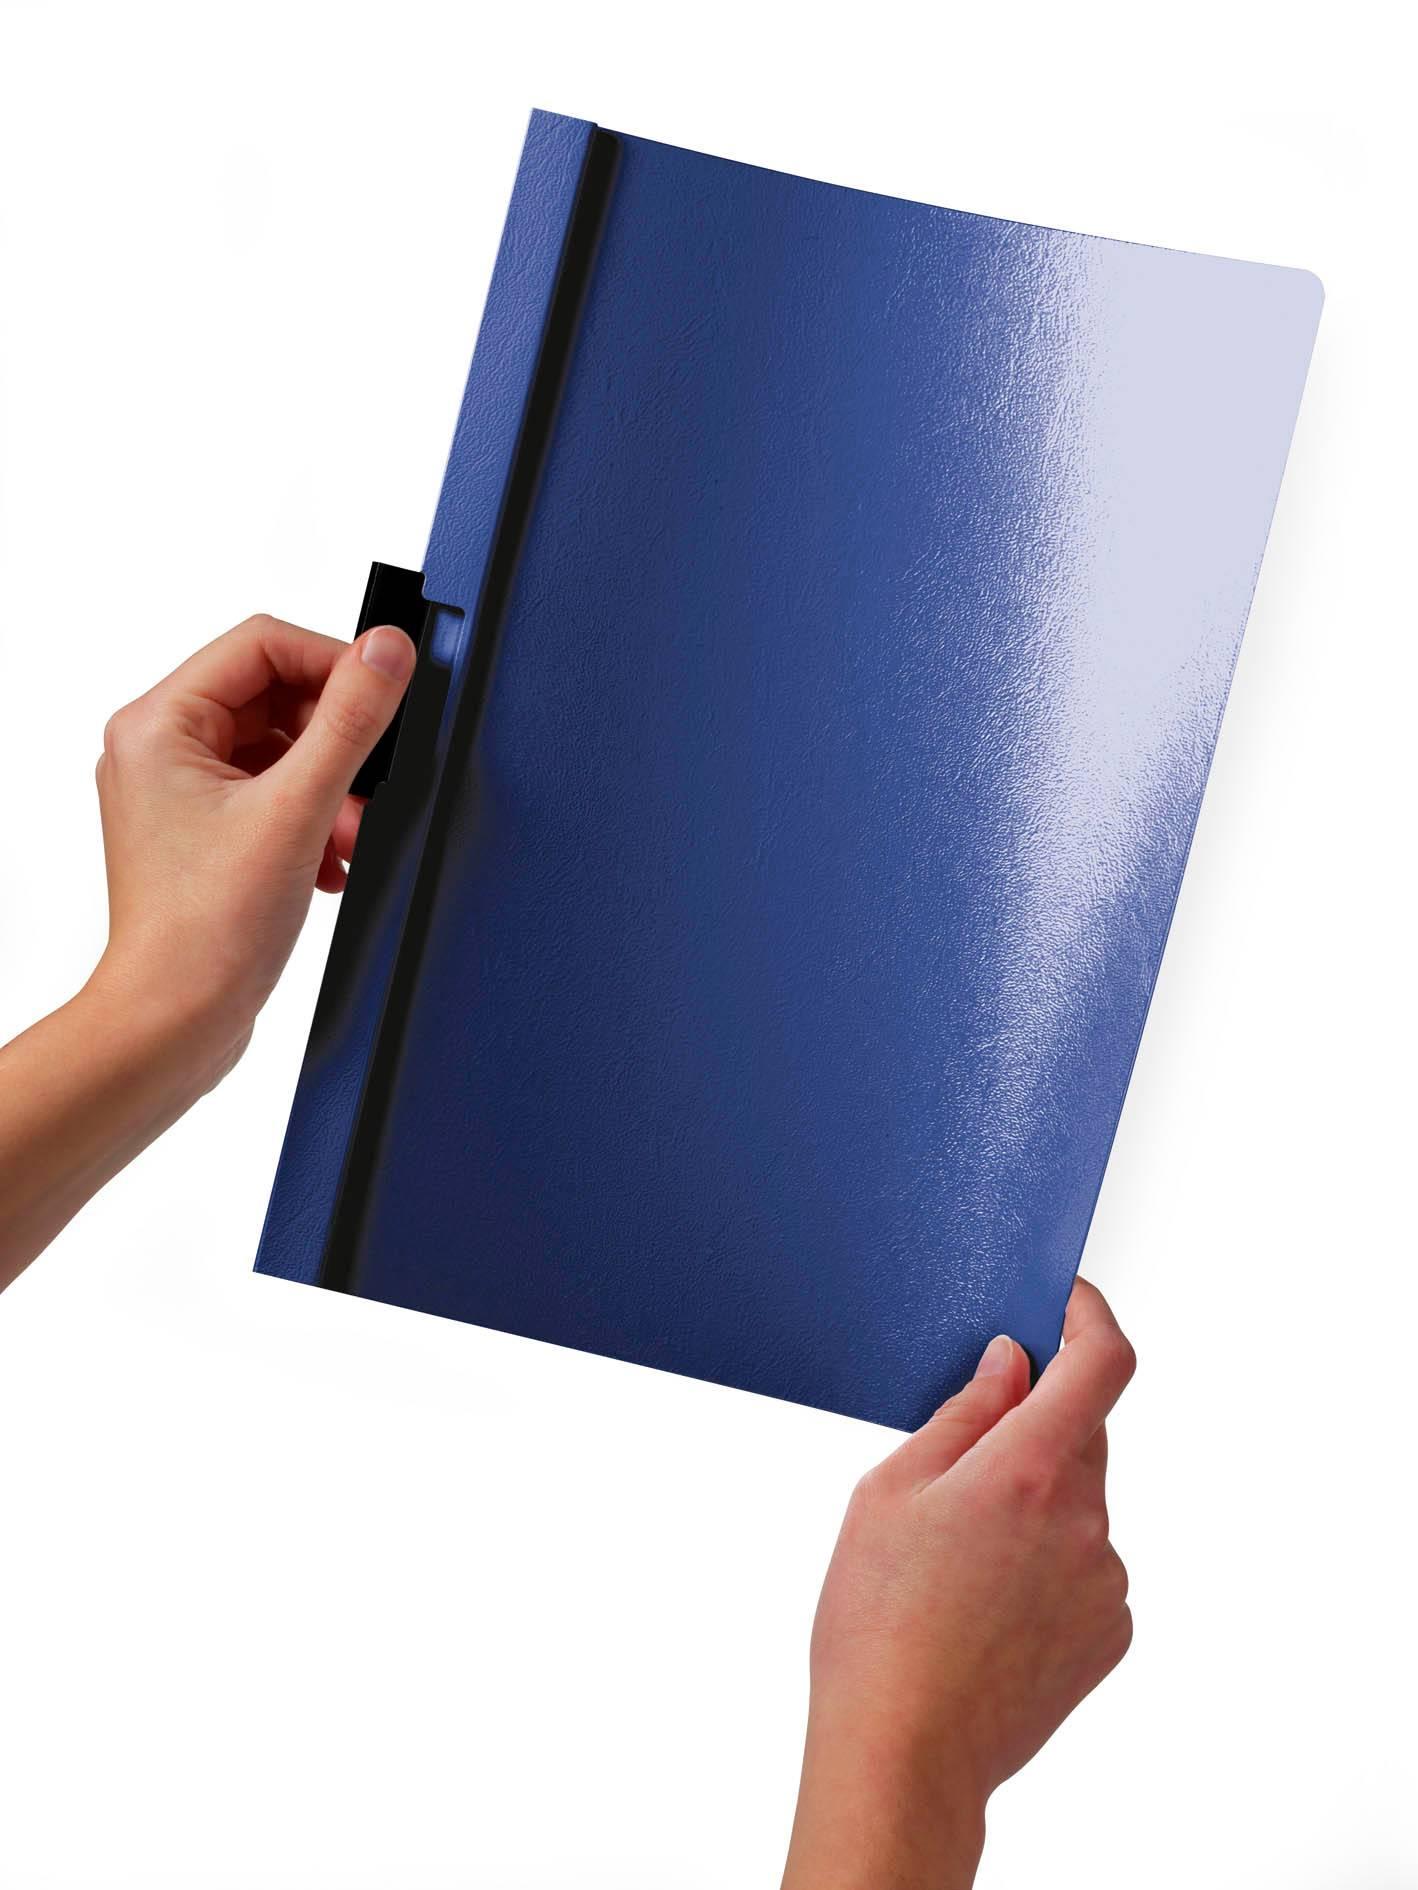 Папка-клип DurableDuraclip 30 с верхним прозрачным листом 1-30 листов зеленая - фото 1